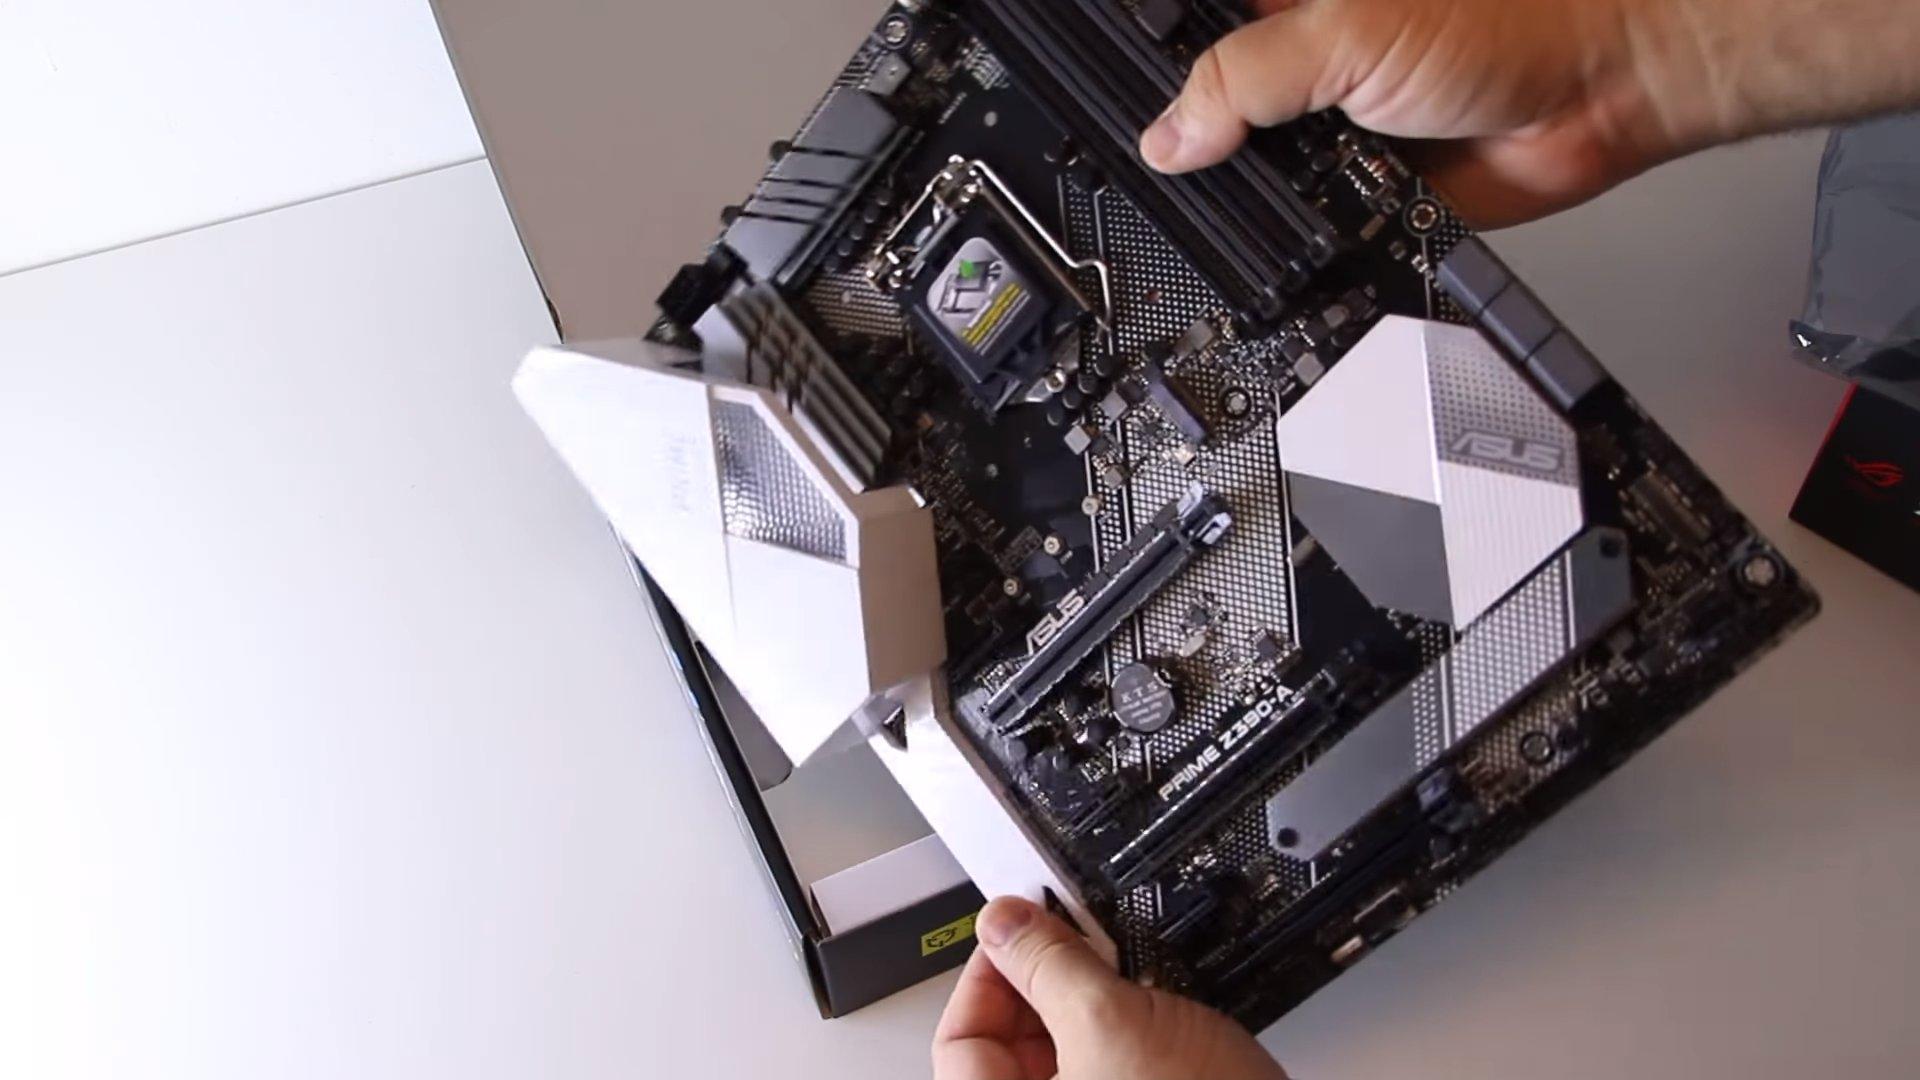 ASUS ROG STRIX Z390-I and PRIME Z390-A motherboards leaked